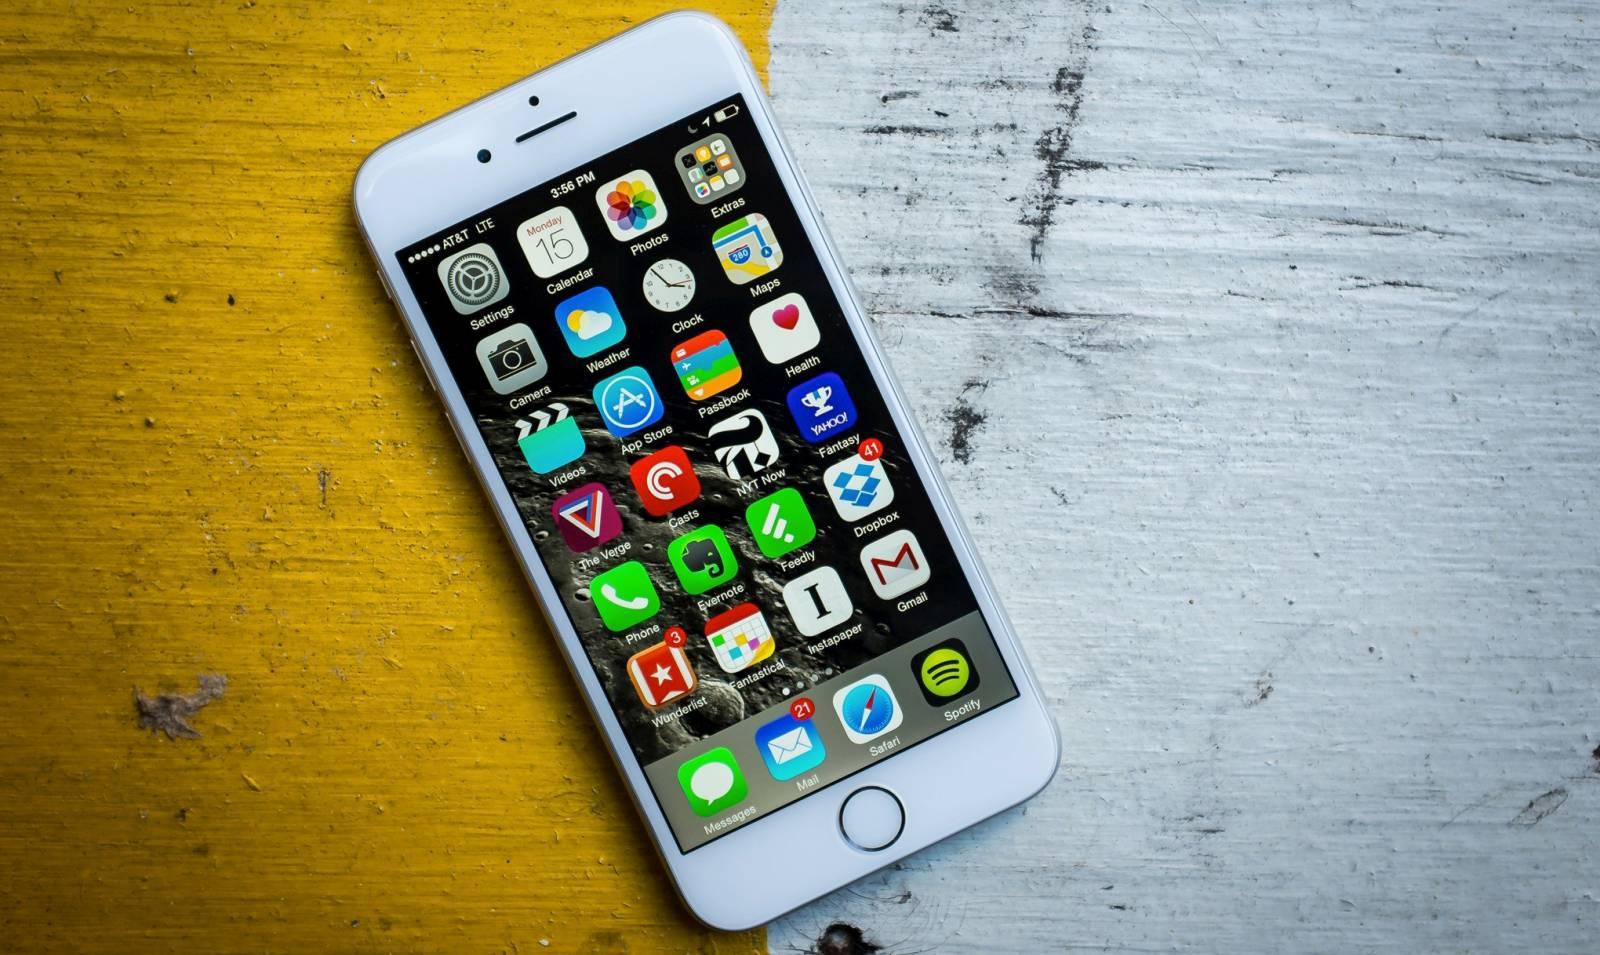 emag reducere iphone 6 6s revolutia preturilor